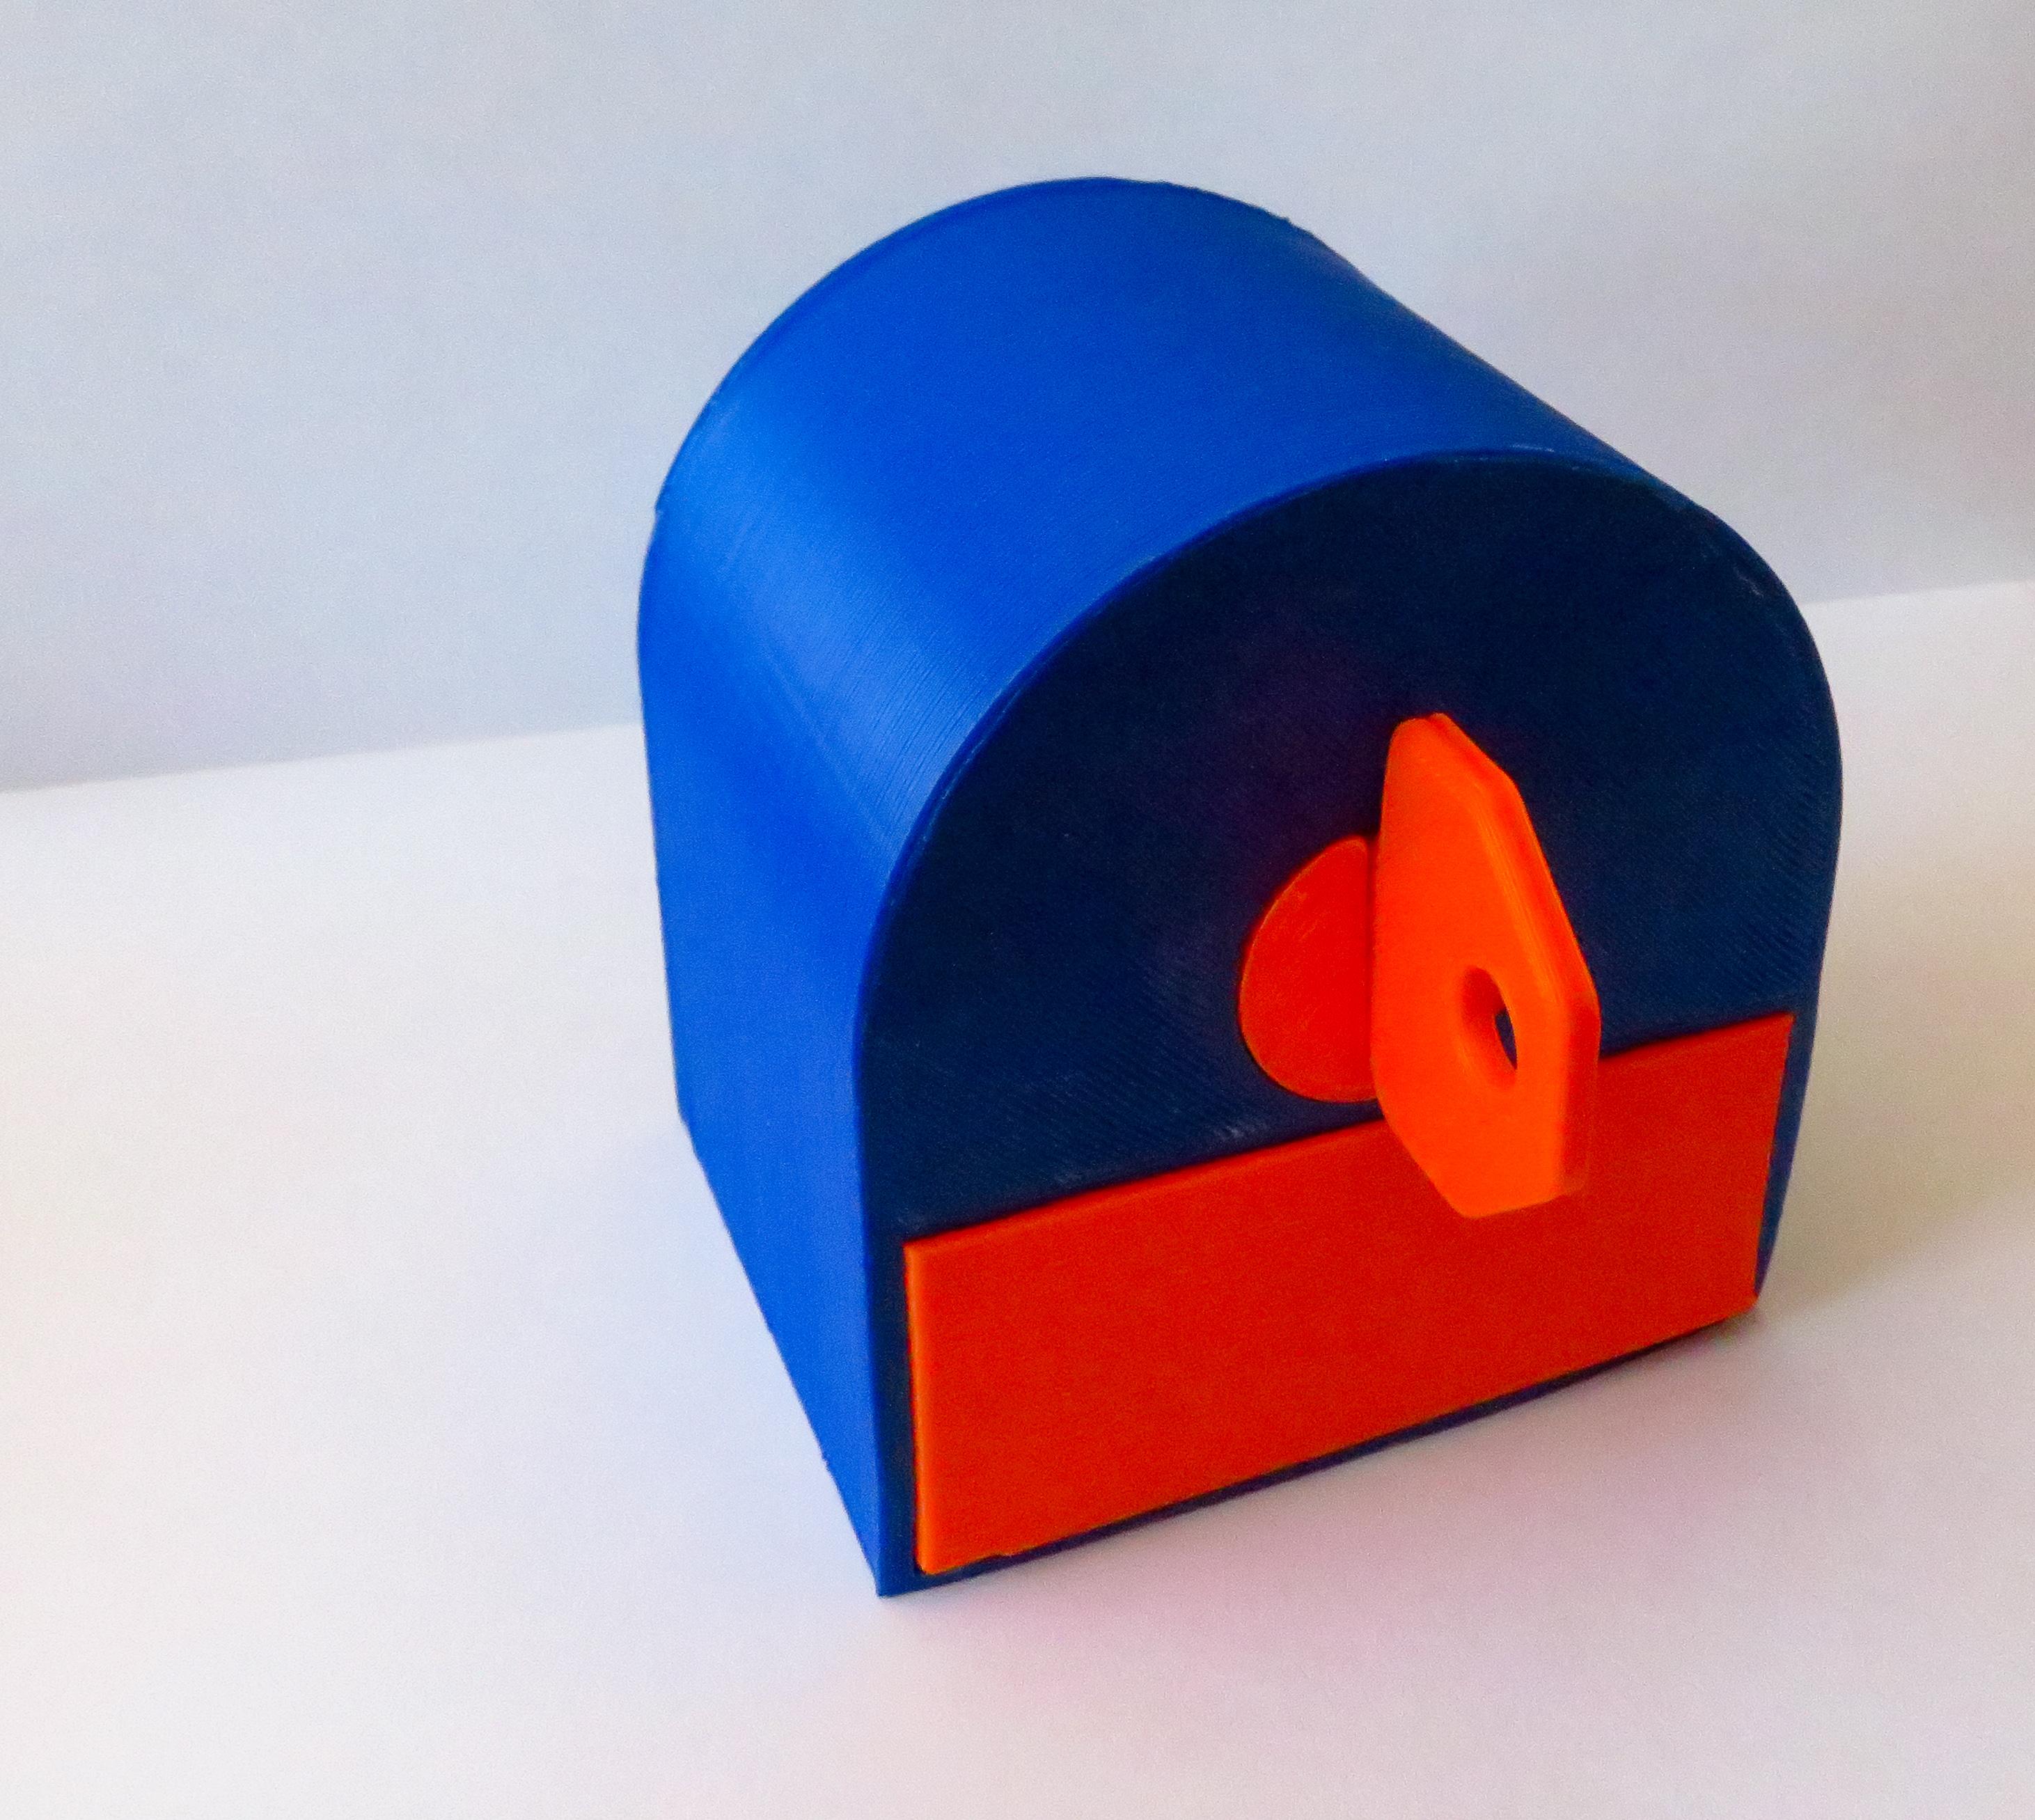 IMG_8505.jpg Download free STL file 3D printed lock • 3D printer design, EL3D